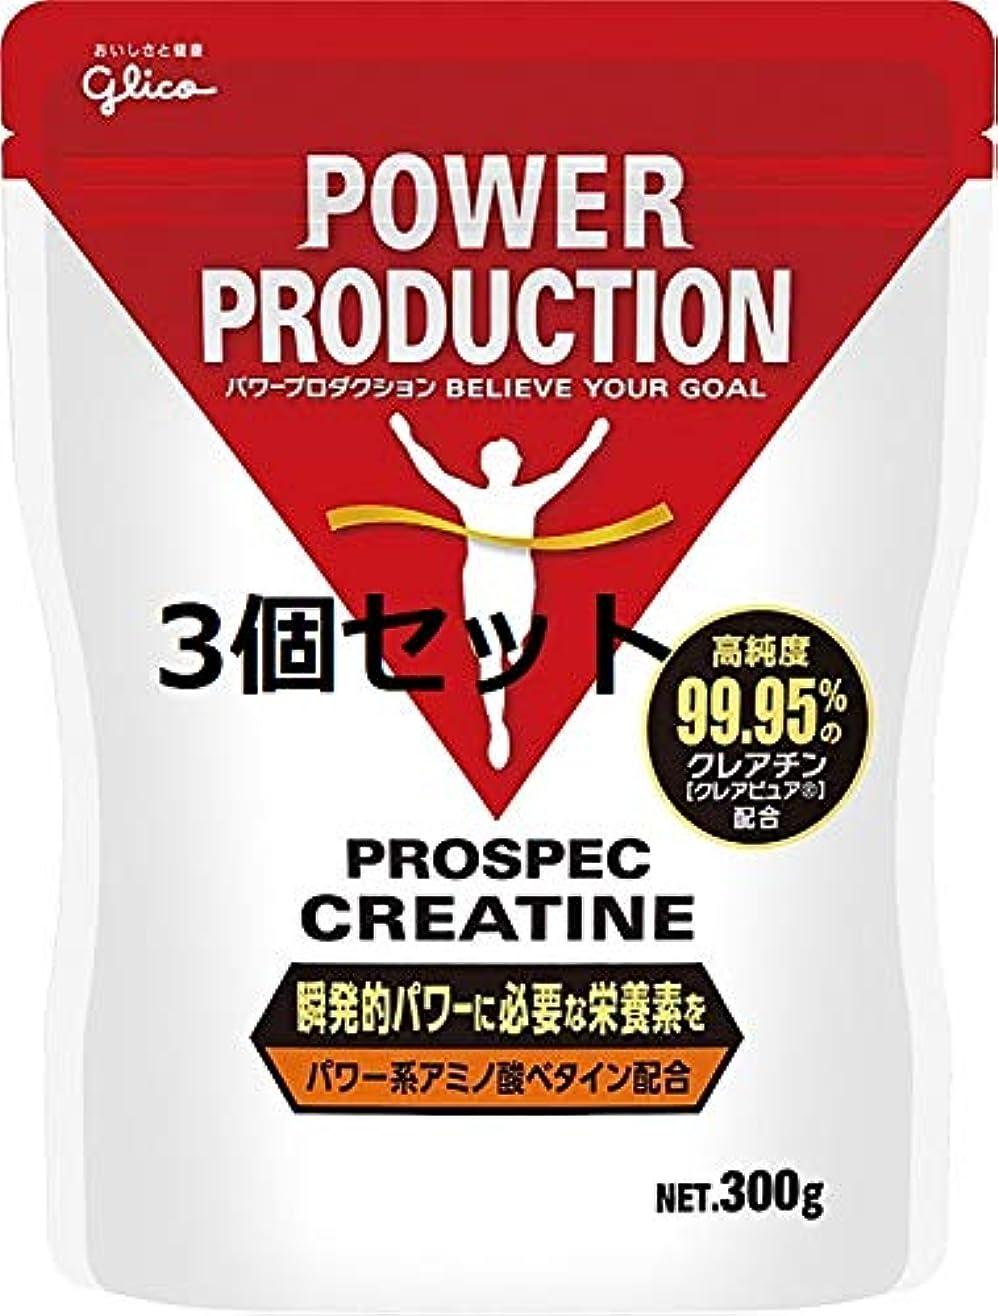 月曜曇ったリール【3個セット】グリコ アミノ酸プロスペッククレアチンパウダー PROSUPEC CREATINE 300g Glico